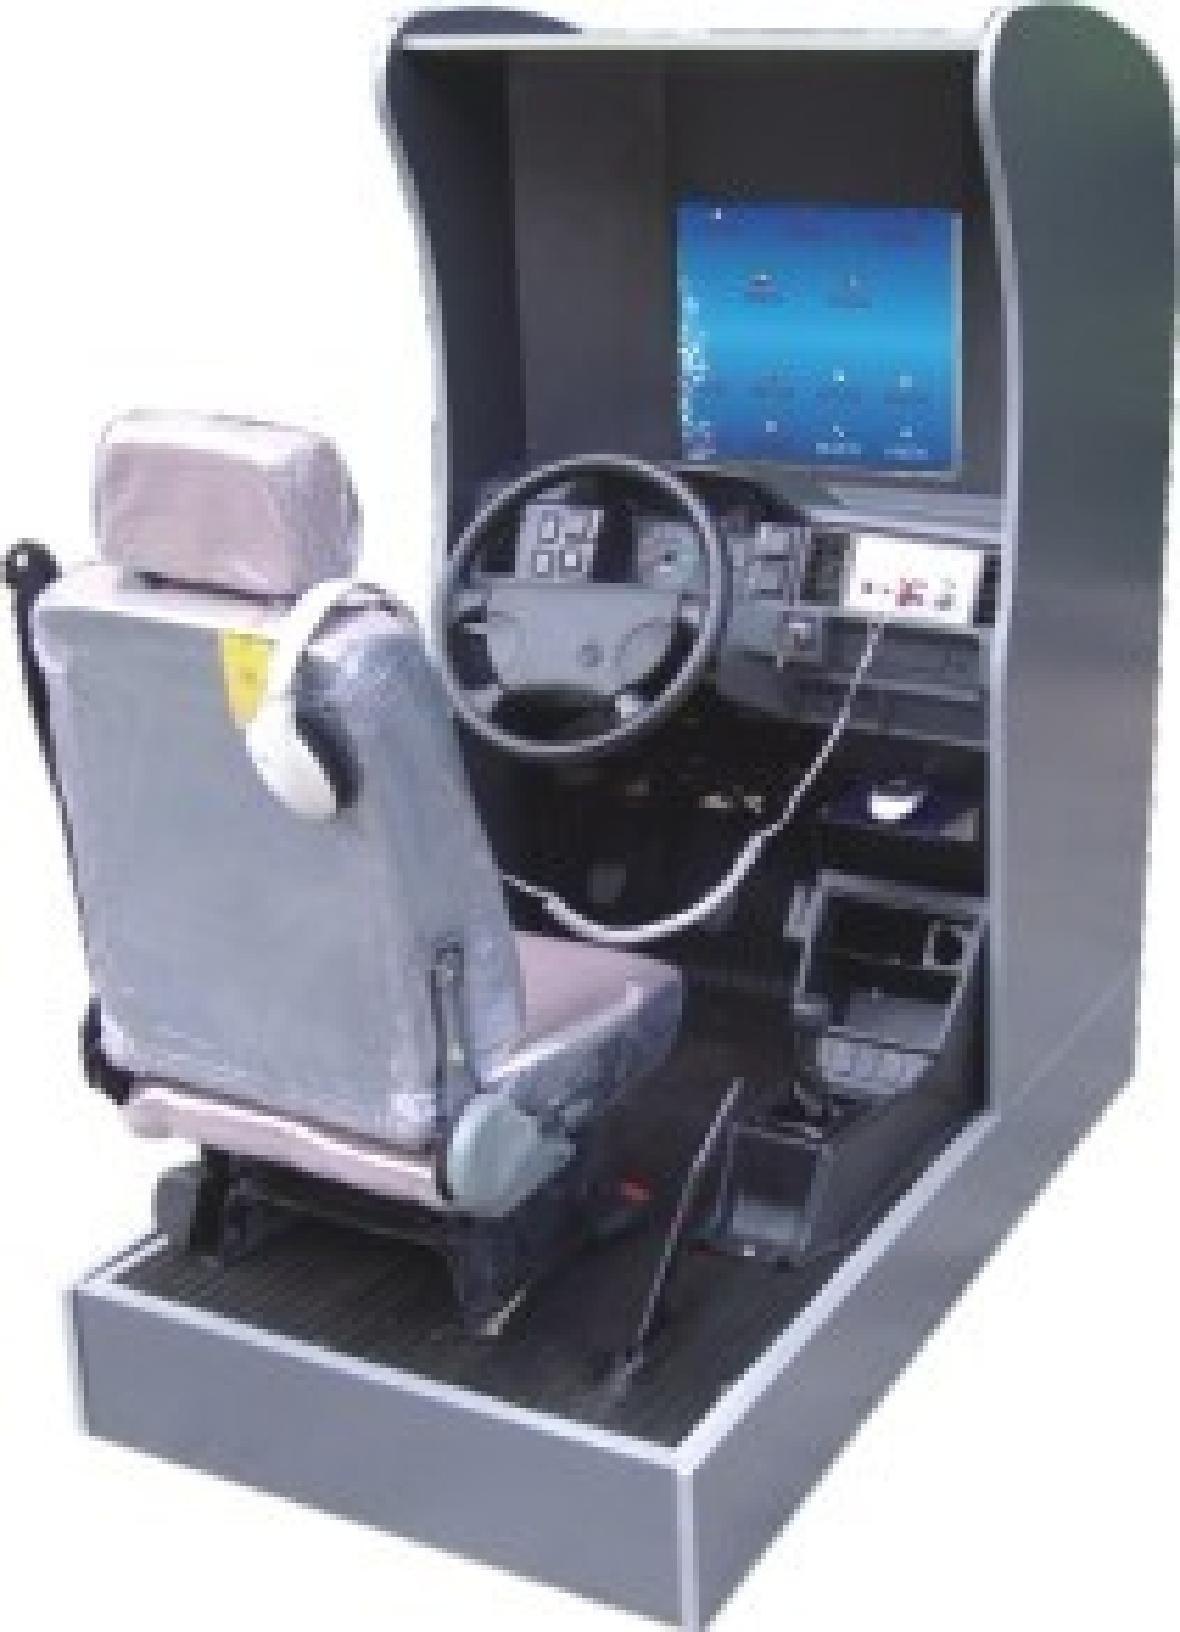 SYMJ-1183豪华型主被动式汽车驾驶模拟器